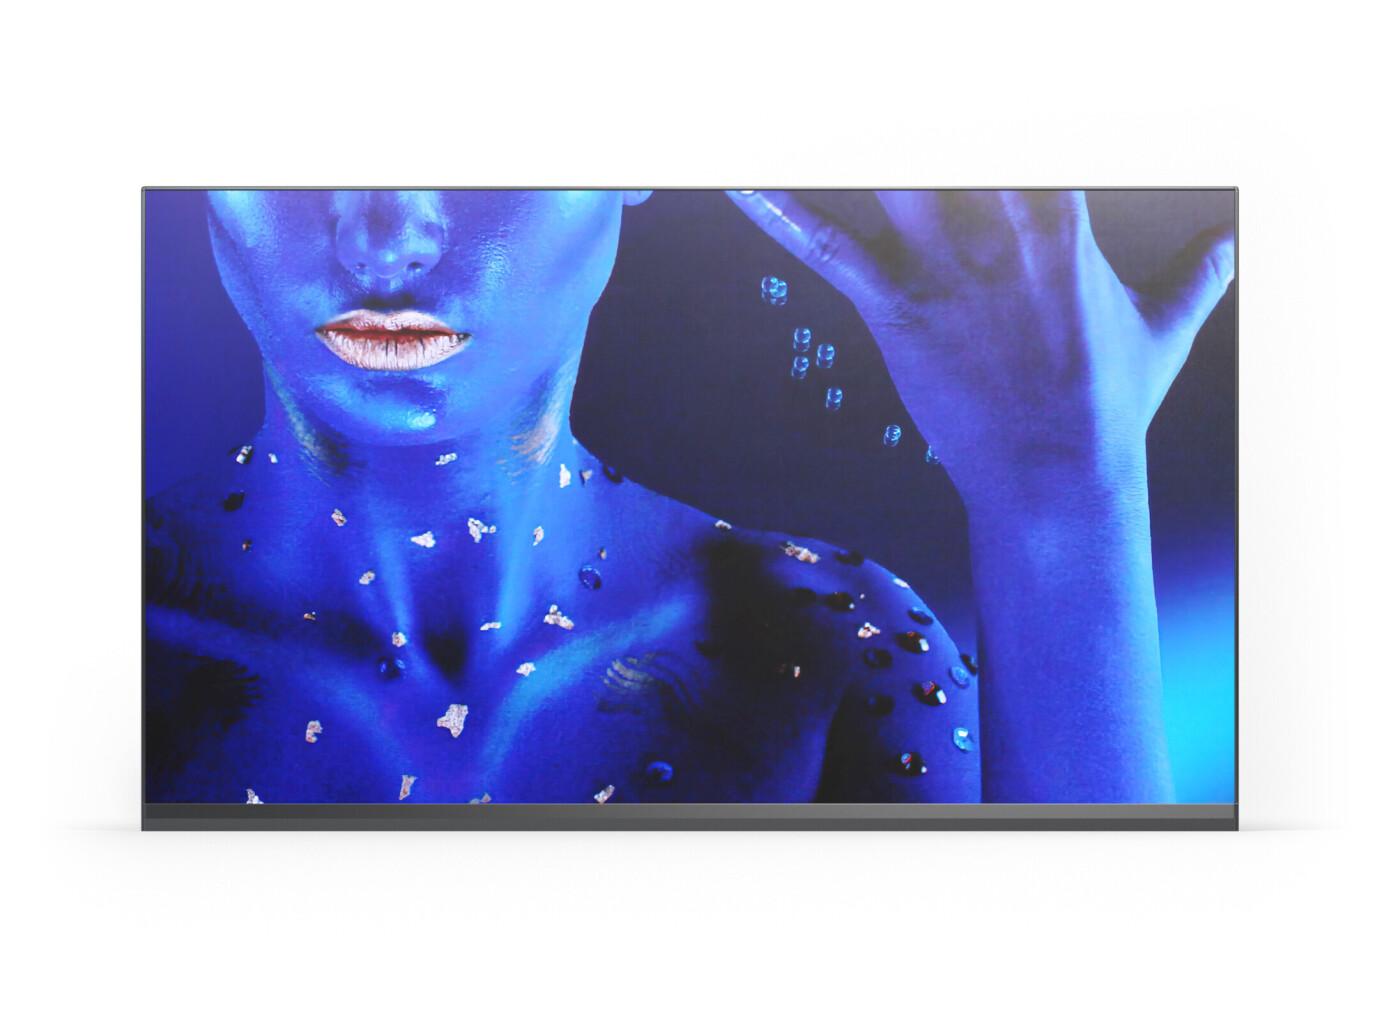 NEC LED-FA015i2-137 - Full HD Paket LED Wall 1,583mm Pixel Pitch